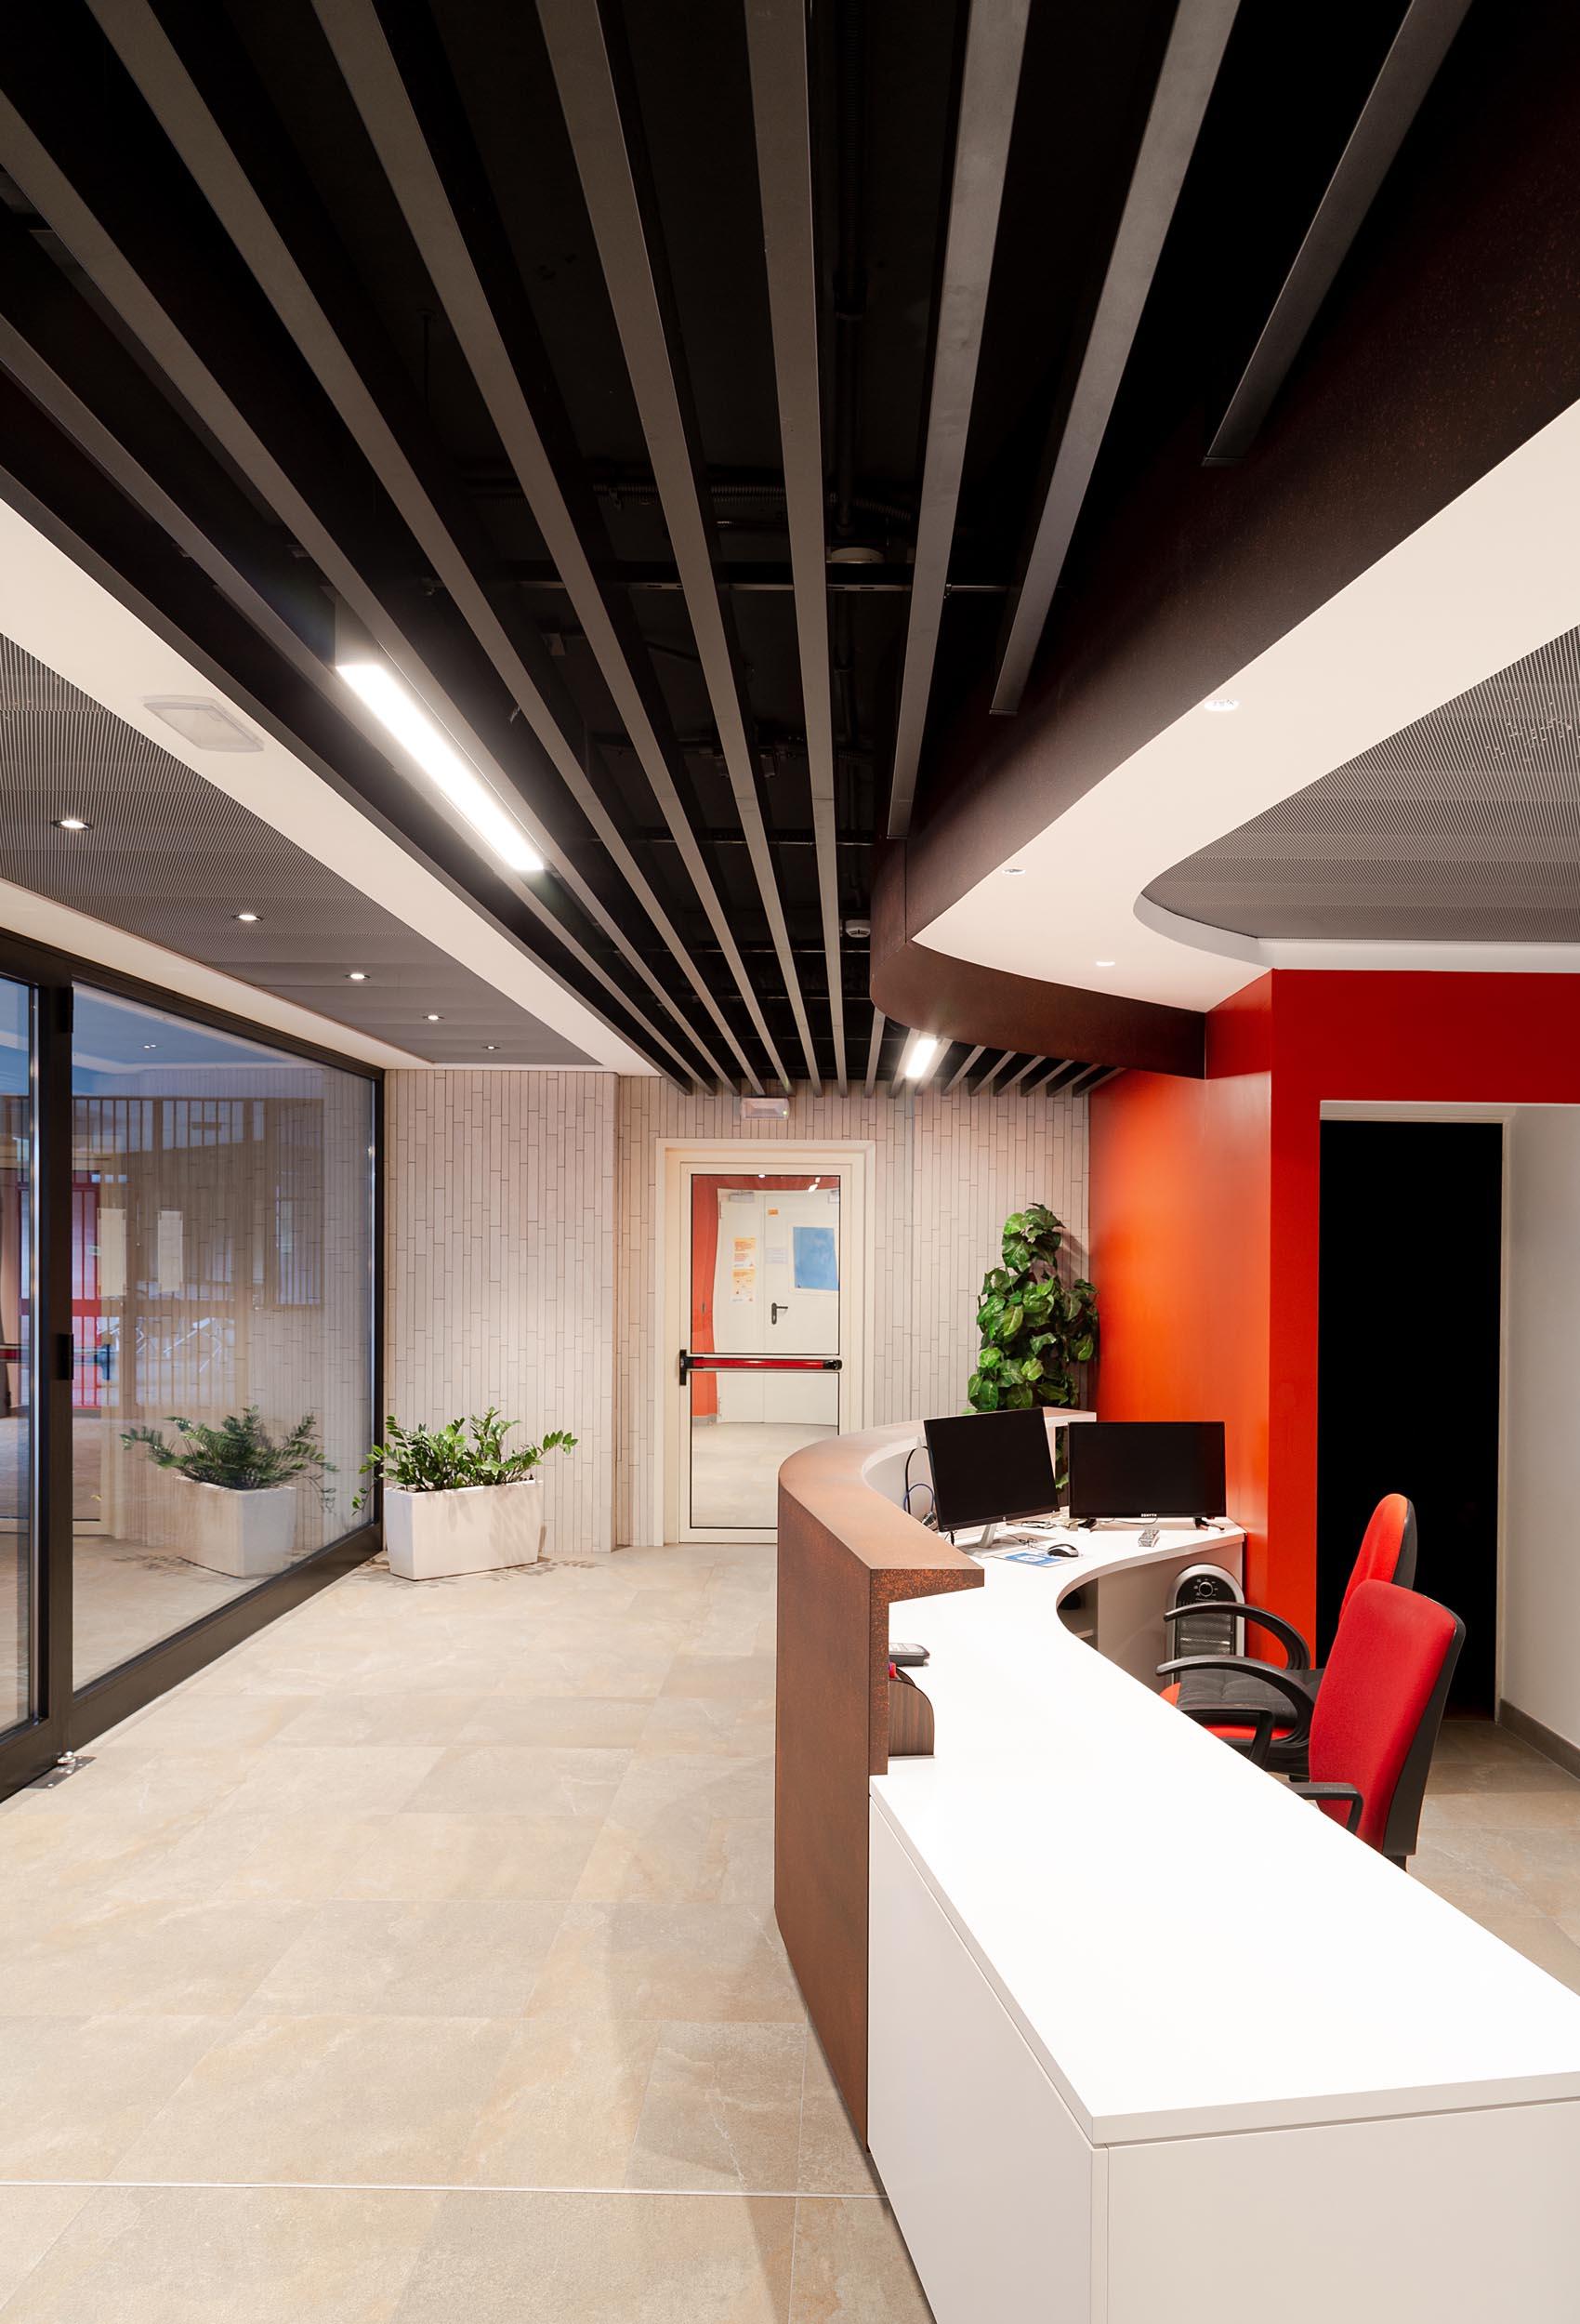 interior-design-office-design-reception-roma-studio-architettura-forniti-fad-12